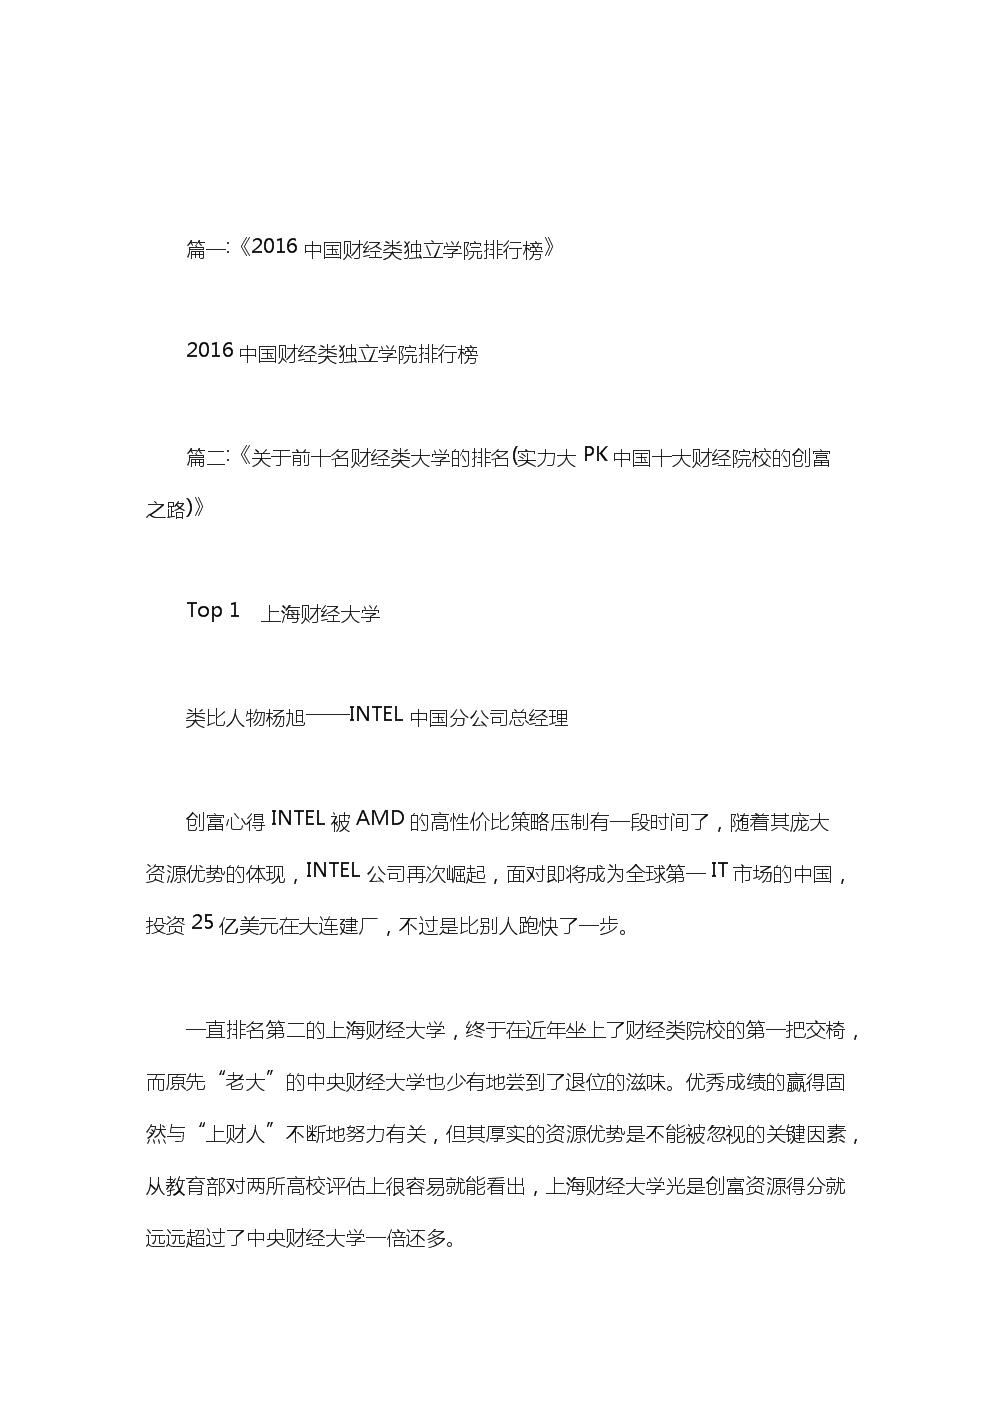 中國財經類獨立學院第一名是?.doc